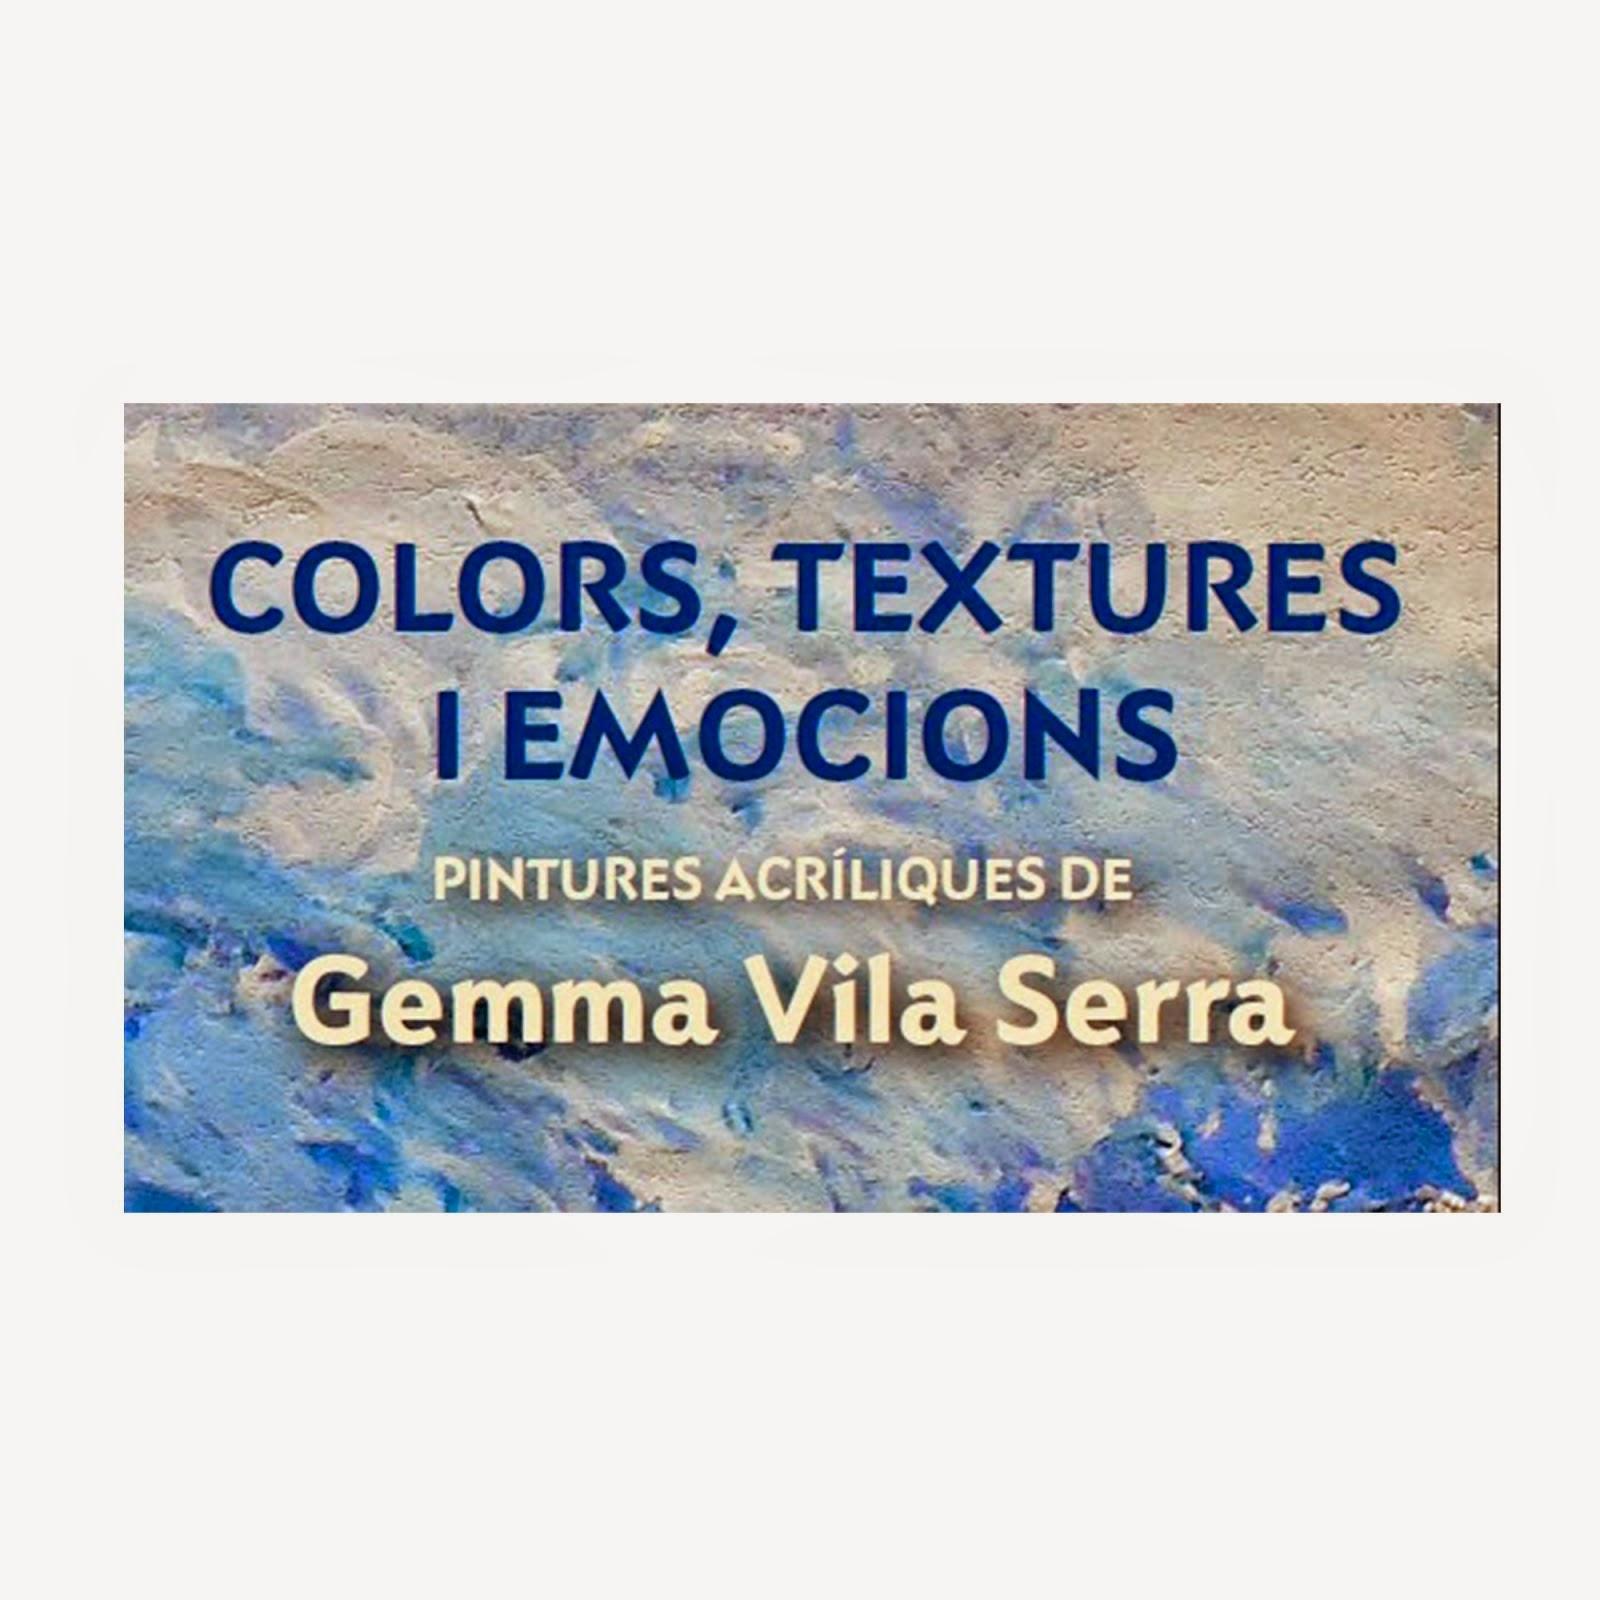 Colors, textures i emocions